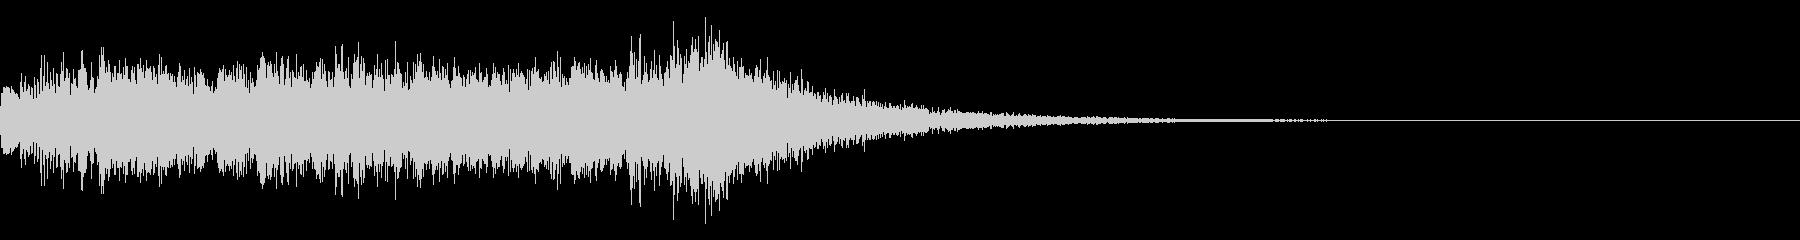 ジングル ピアノ 着信音 和風 大喜利の未再生の波形